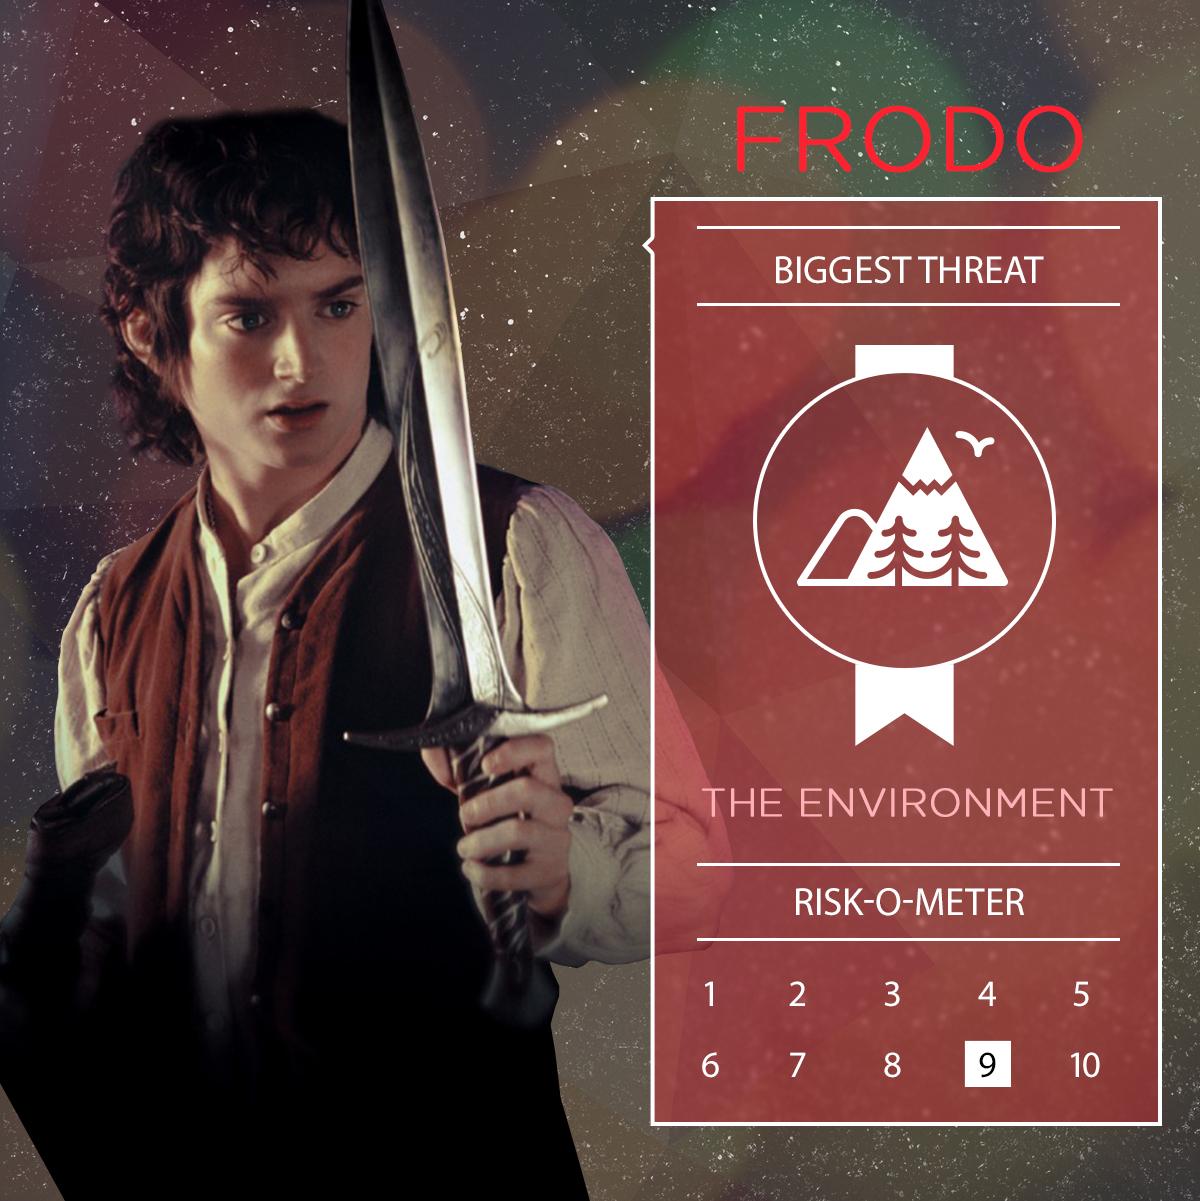 Frodo - Life Insurance